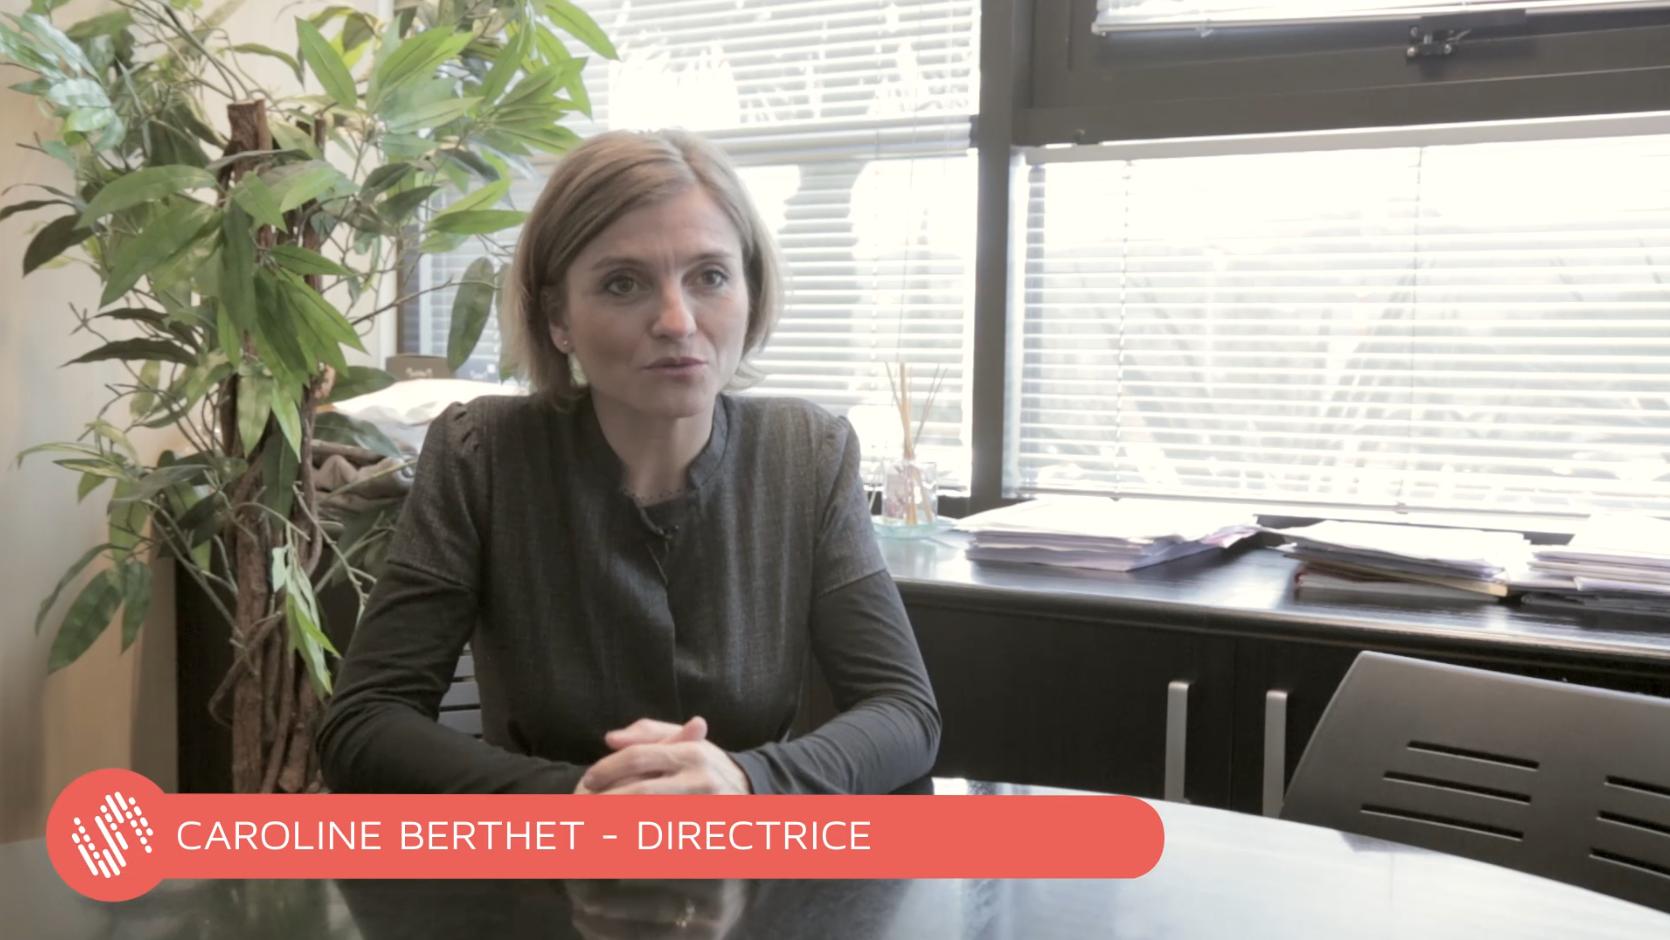 Caroline BERTHET, Directrice de la Clinique La Casamance